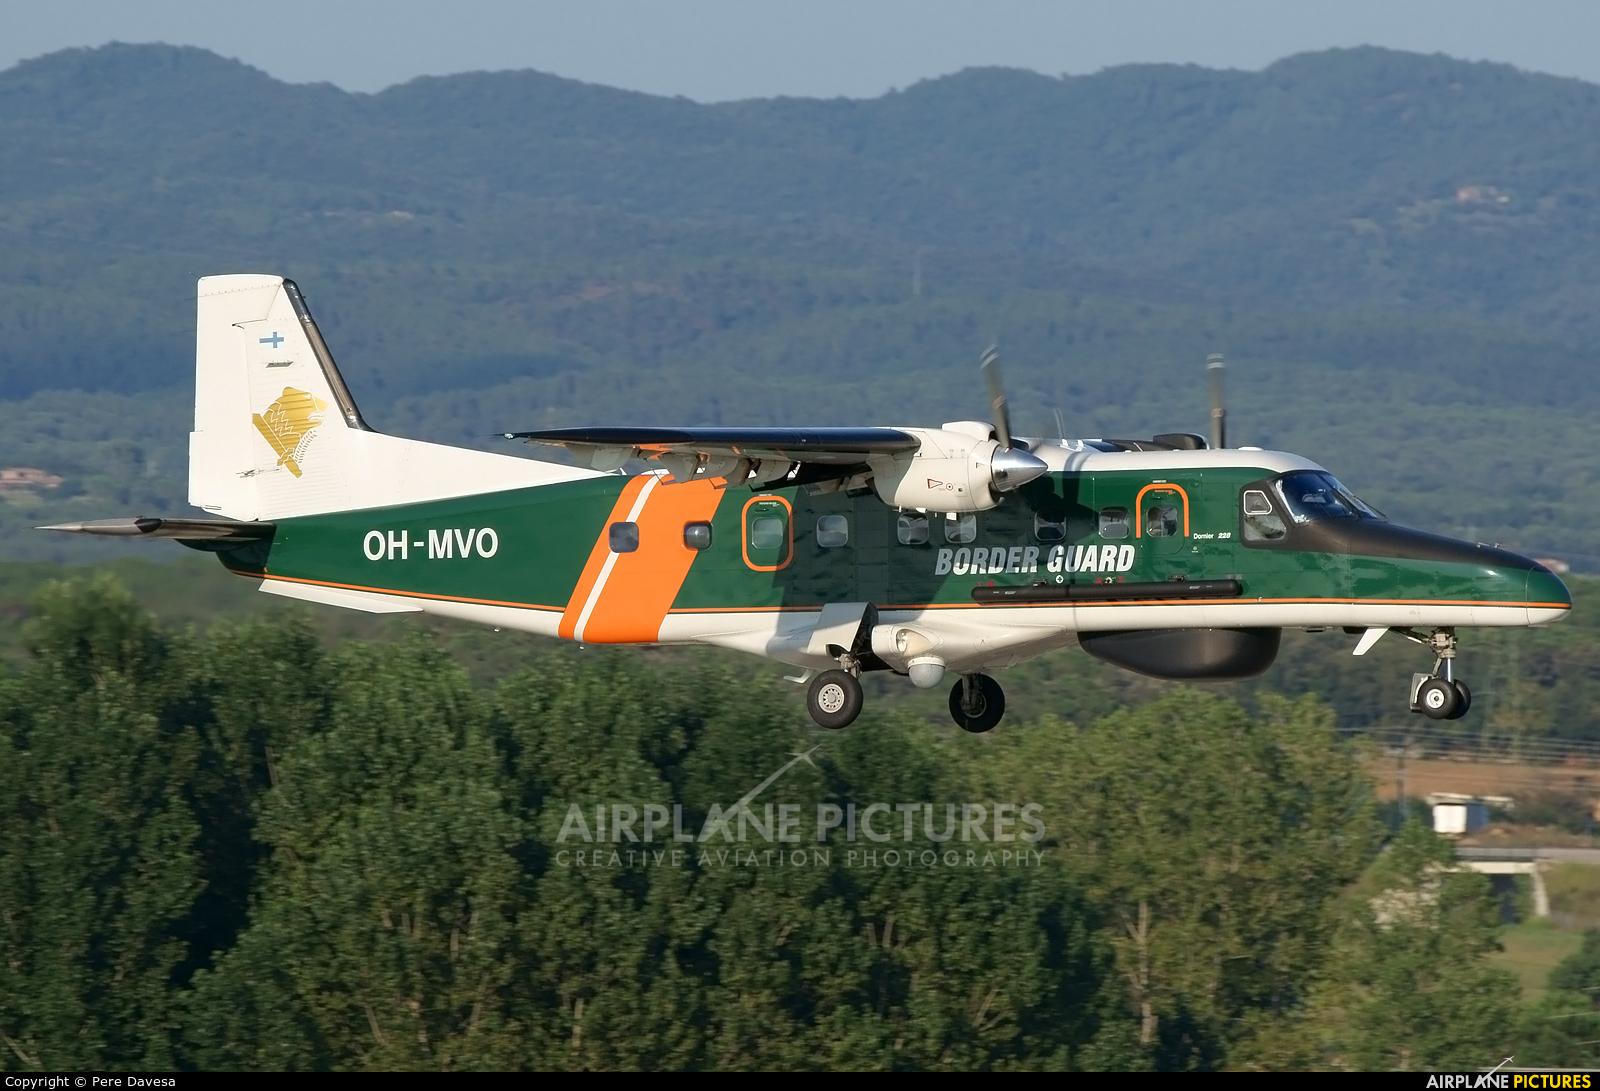 Finland - Border Guard OH-MVO aircraft at Girona - Costa Brava